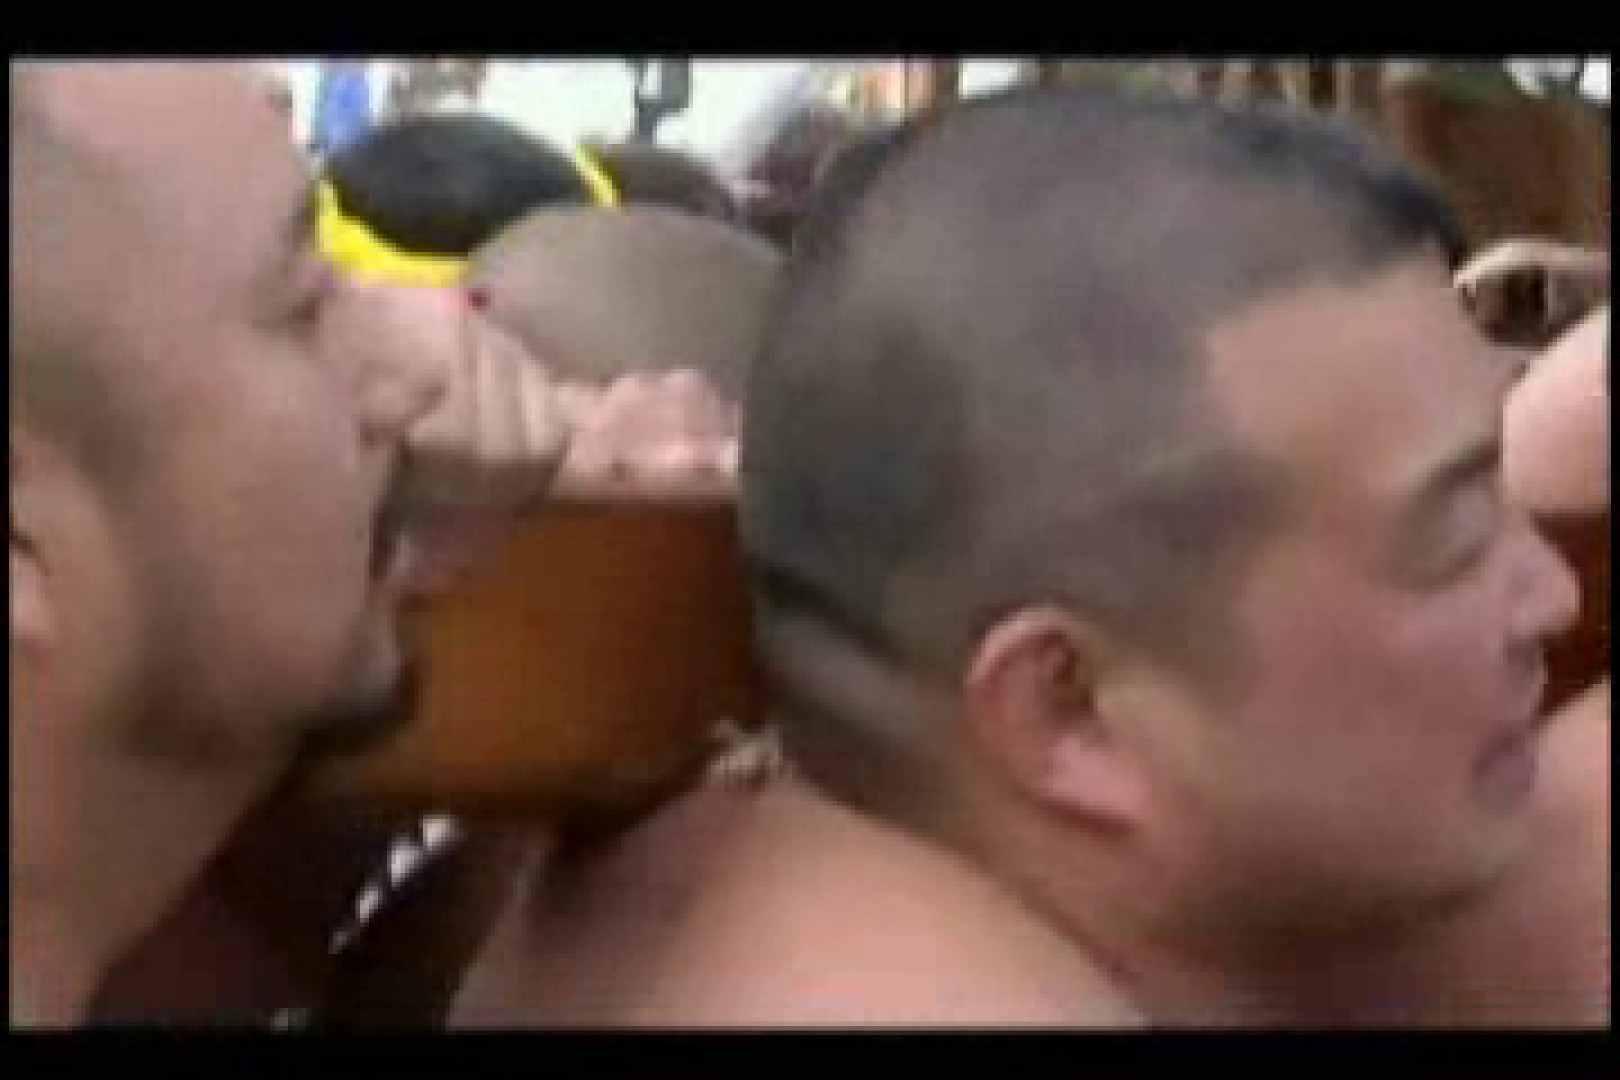 陰間茶屋 男児祭り VOL.2 野外露出セックス ゲイ素人エロ画像 96枚 71